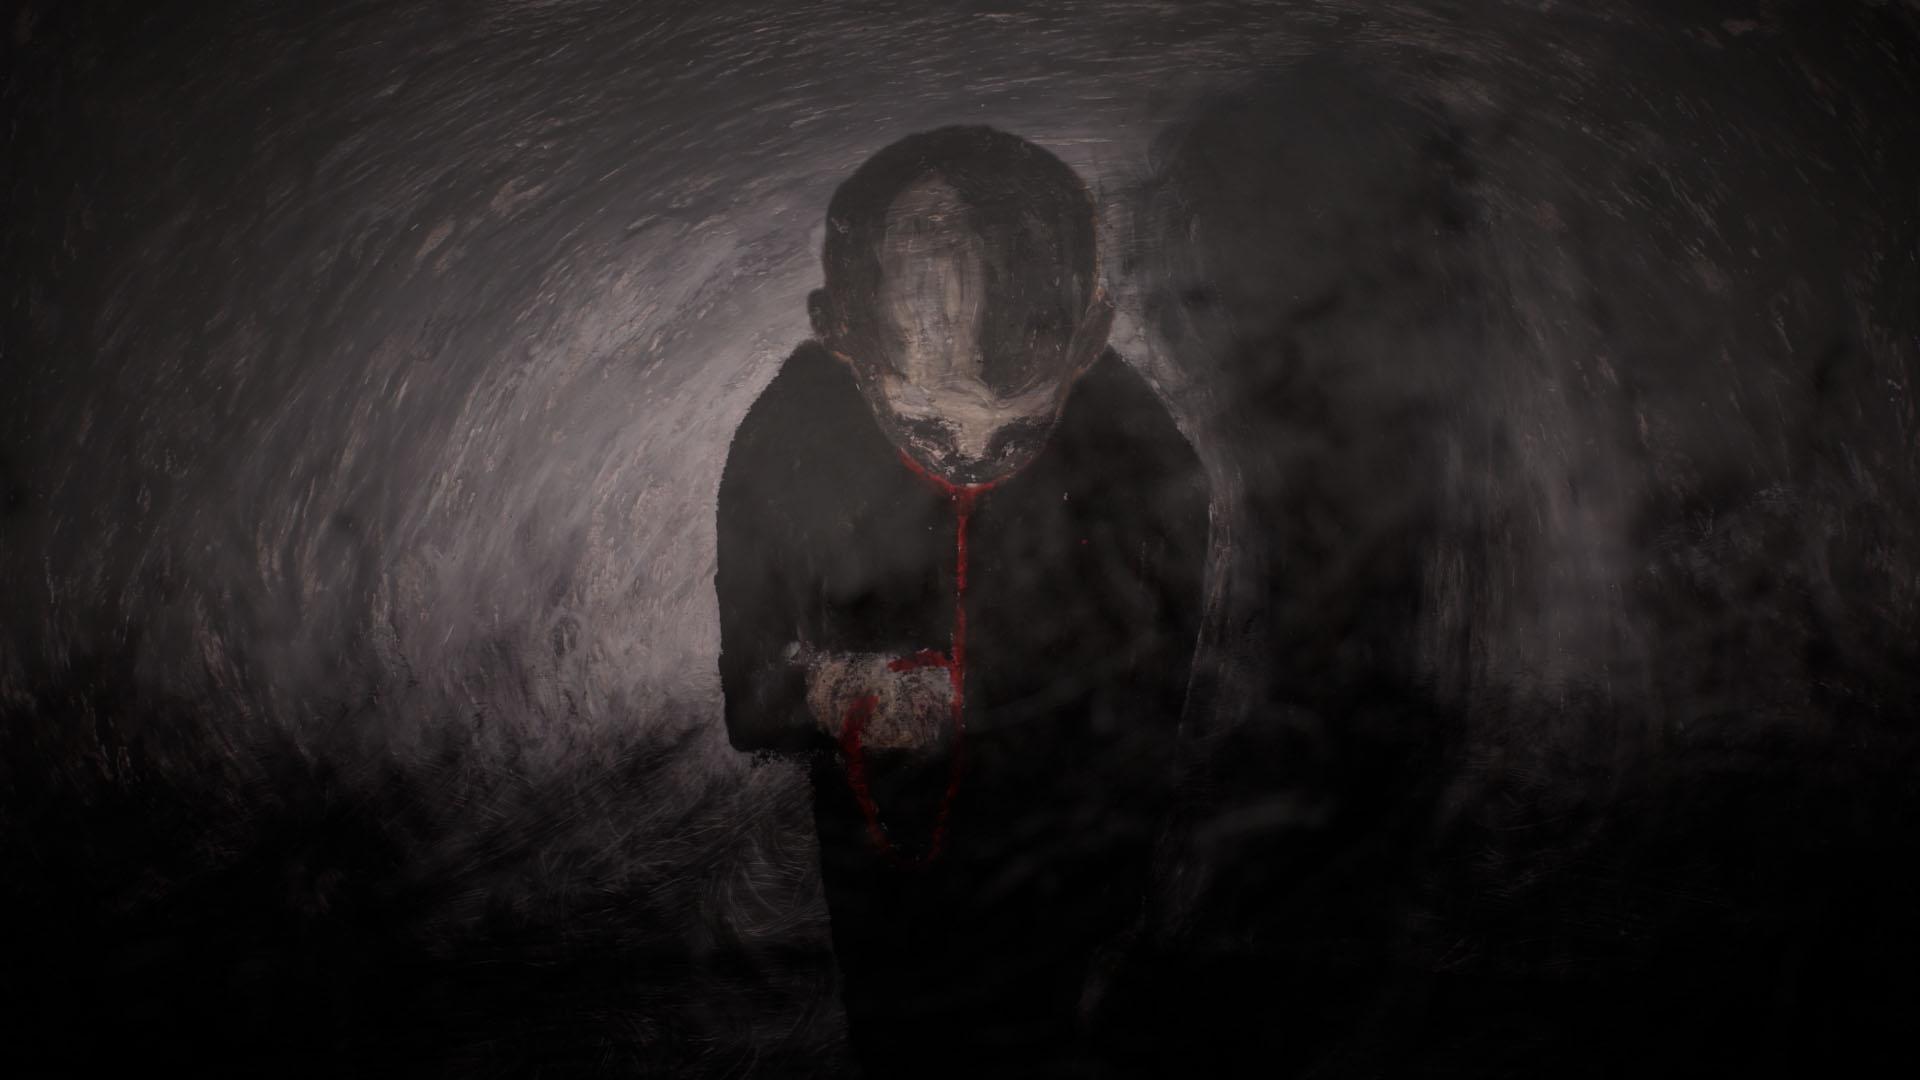 Helpless void / 伊藤圭吾